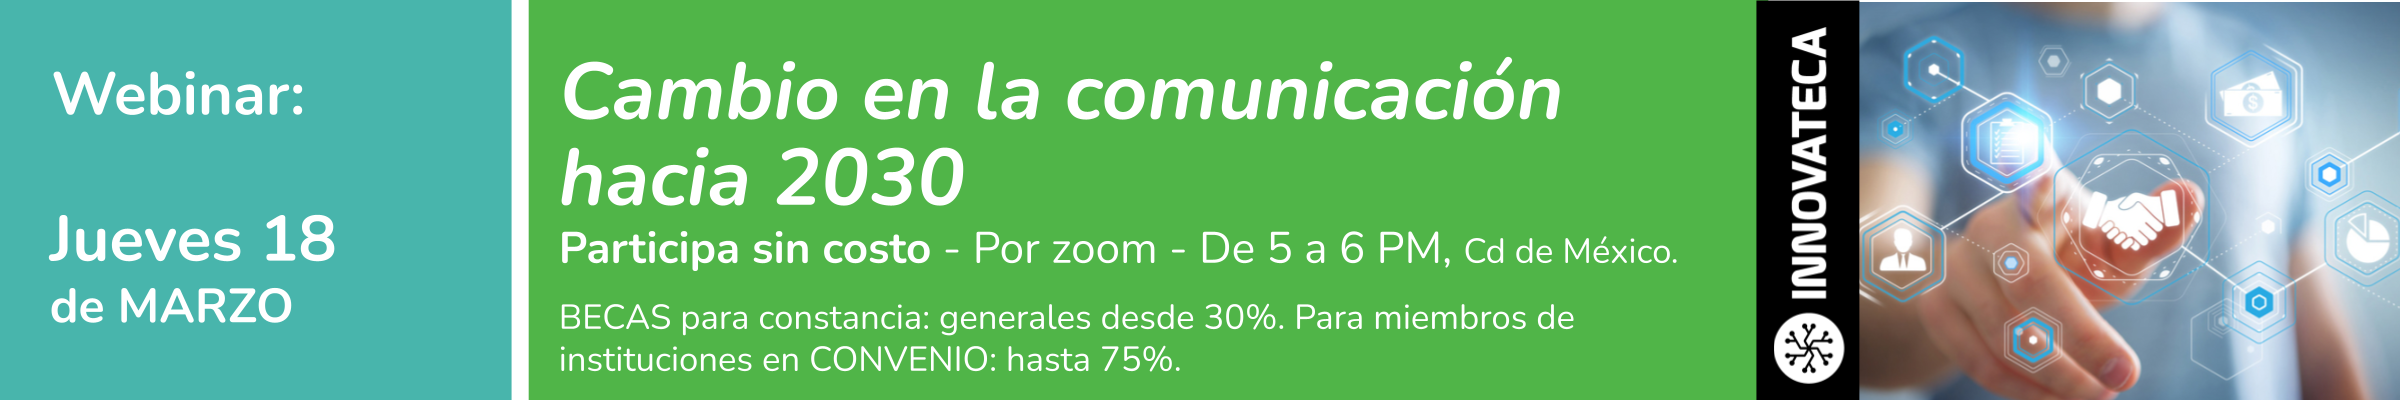 Webinar Innovateca 18mar21